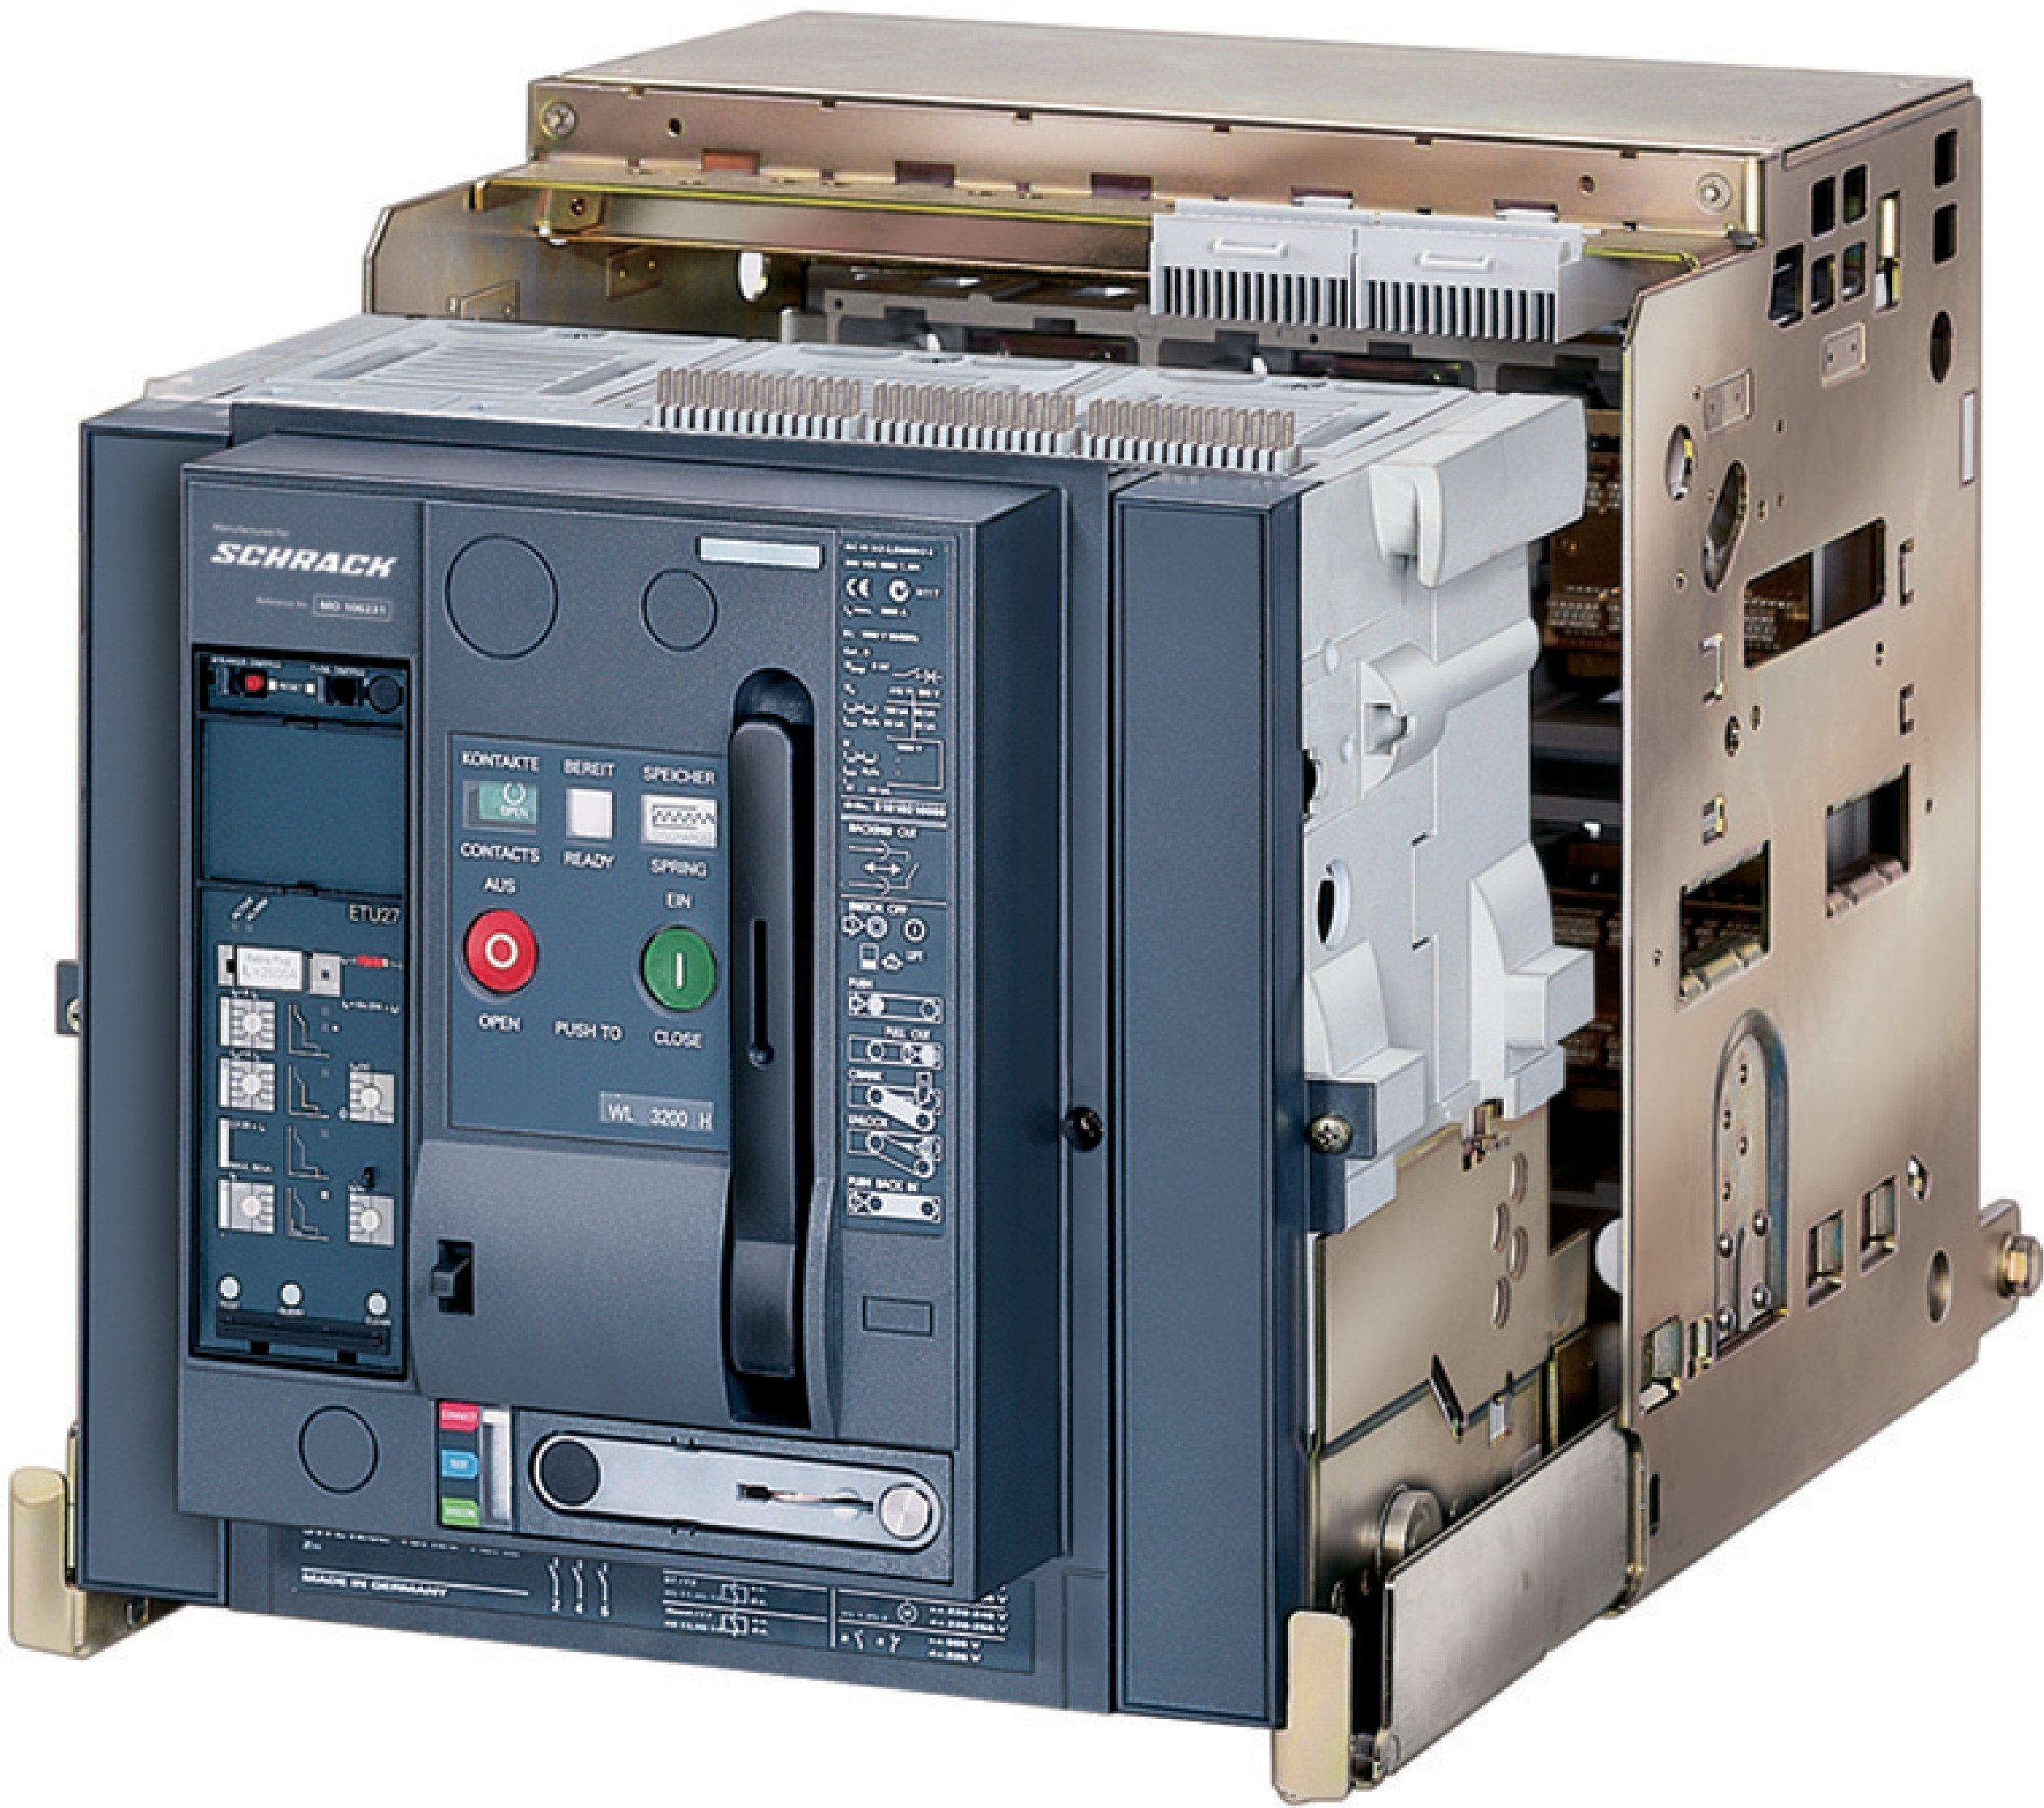 1 Stk Leistungsschalter, MO1, 3-polig, 1000A, 55kA, ausfahrbar, RH MO110236--